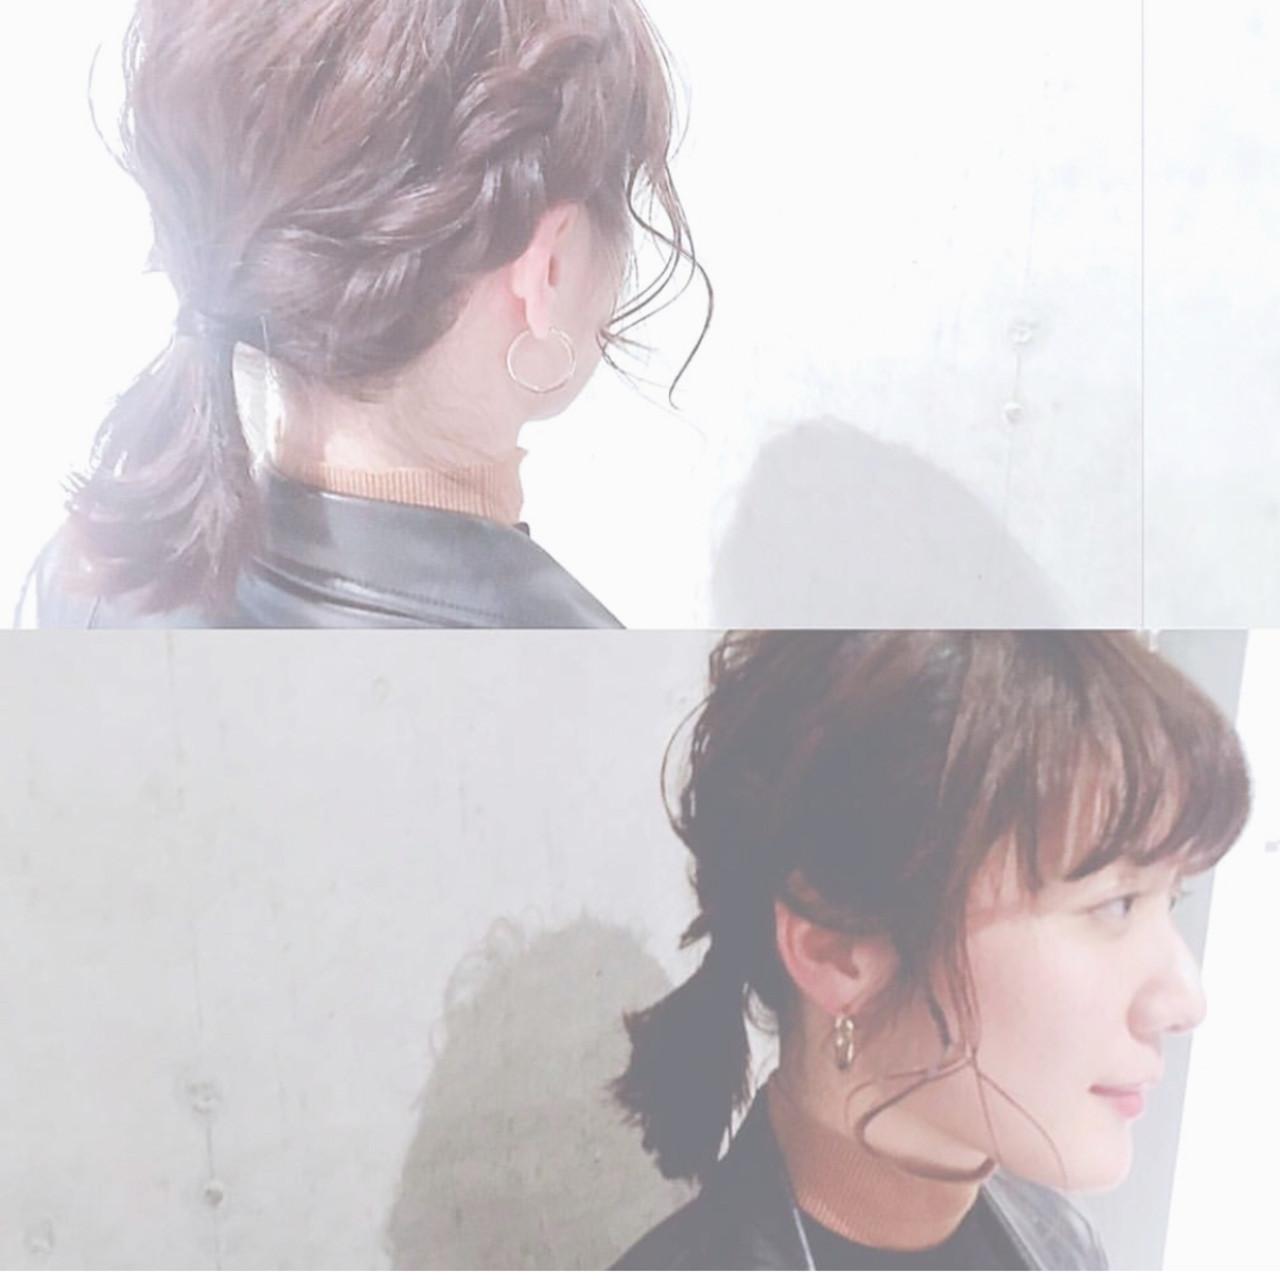 編み込み×ひとつ結びのすっきりヘアスタイル haruca shiono